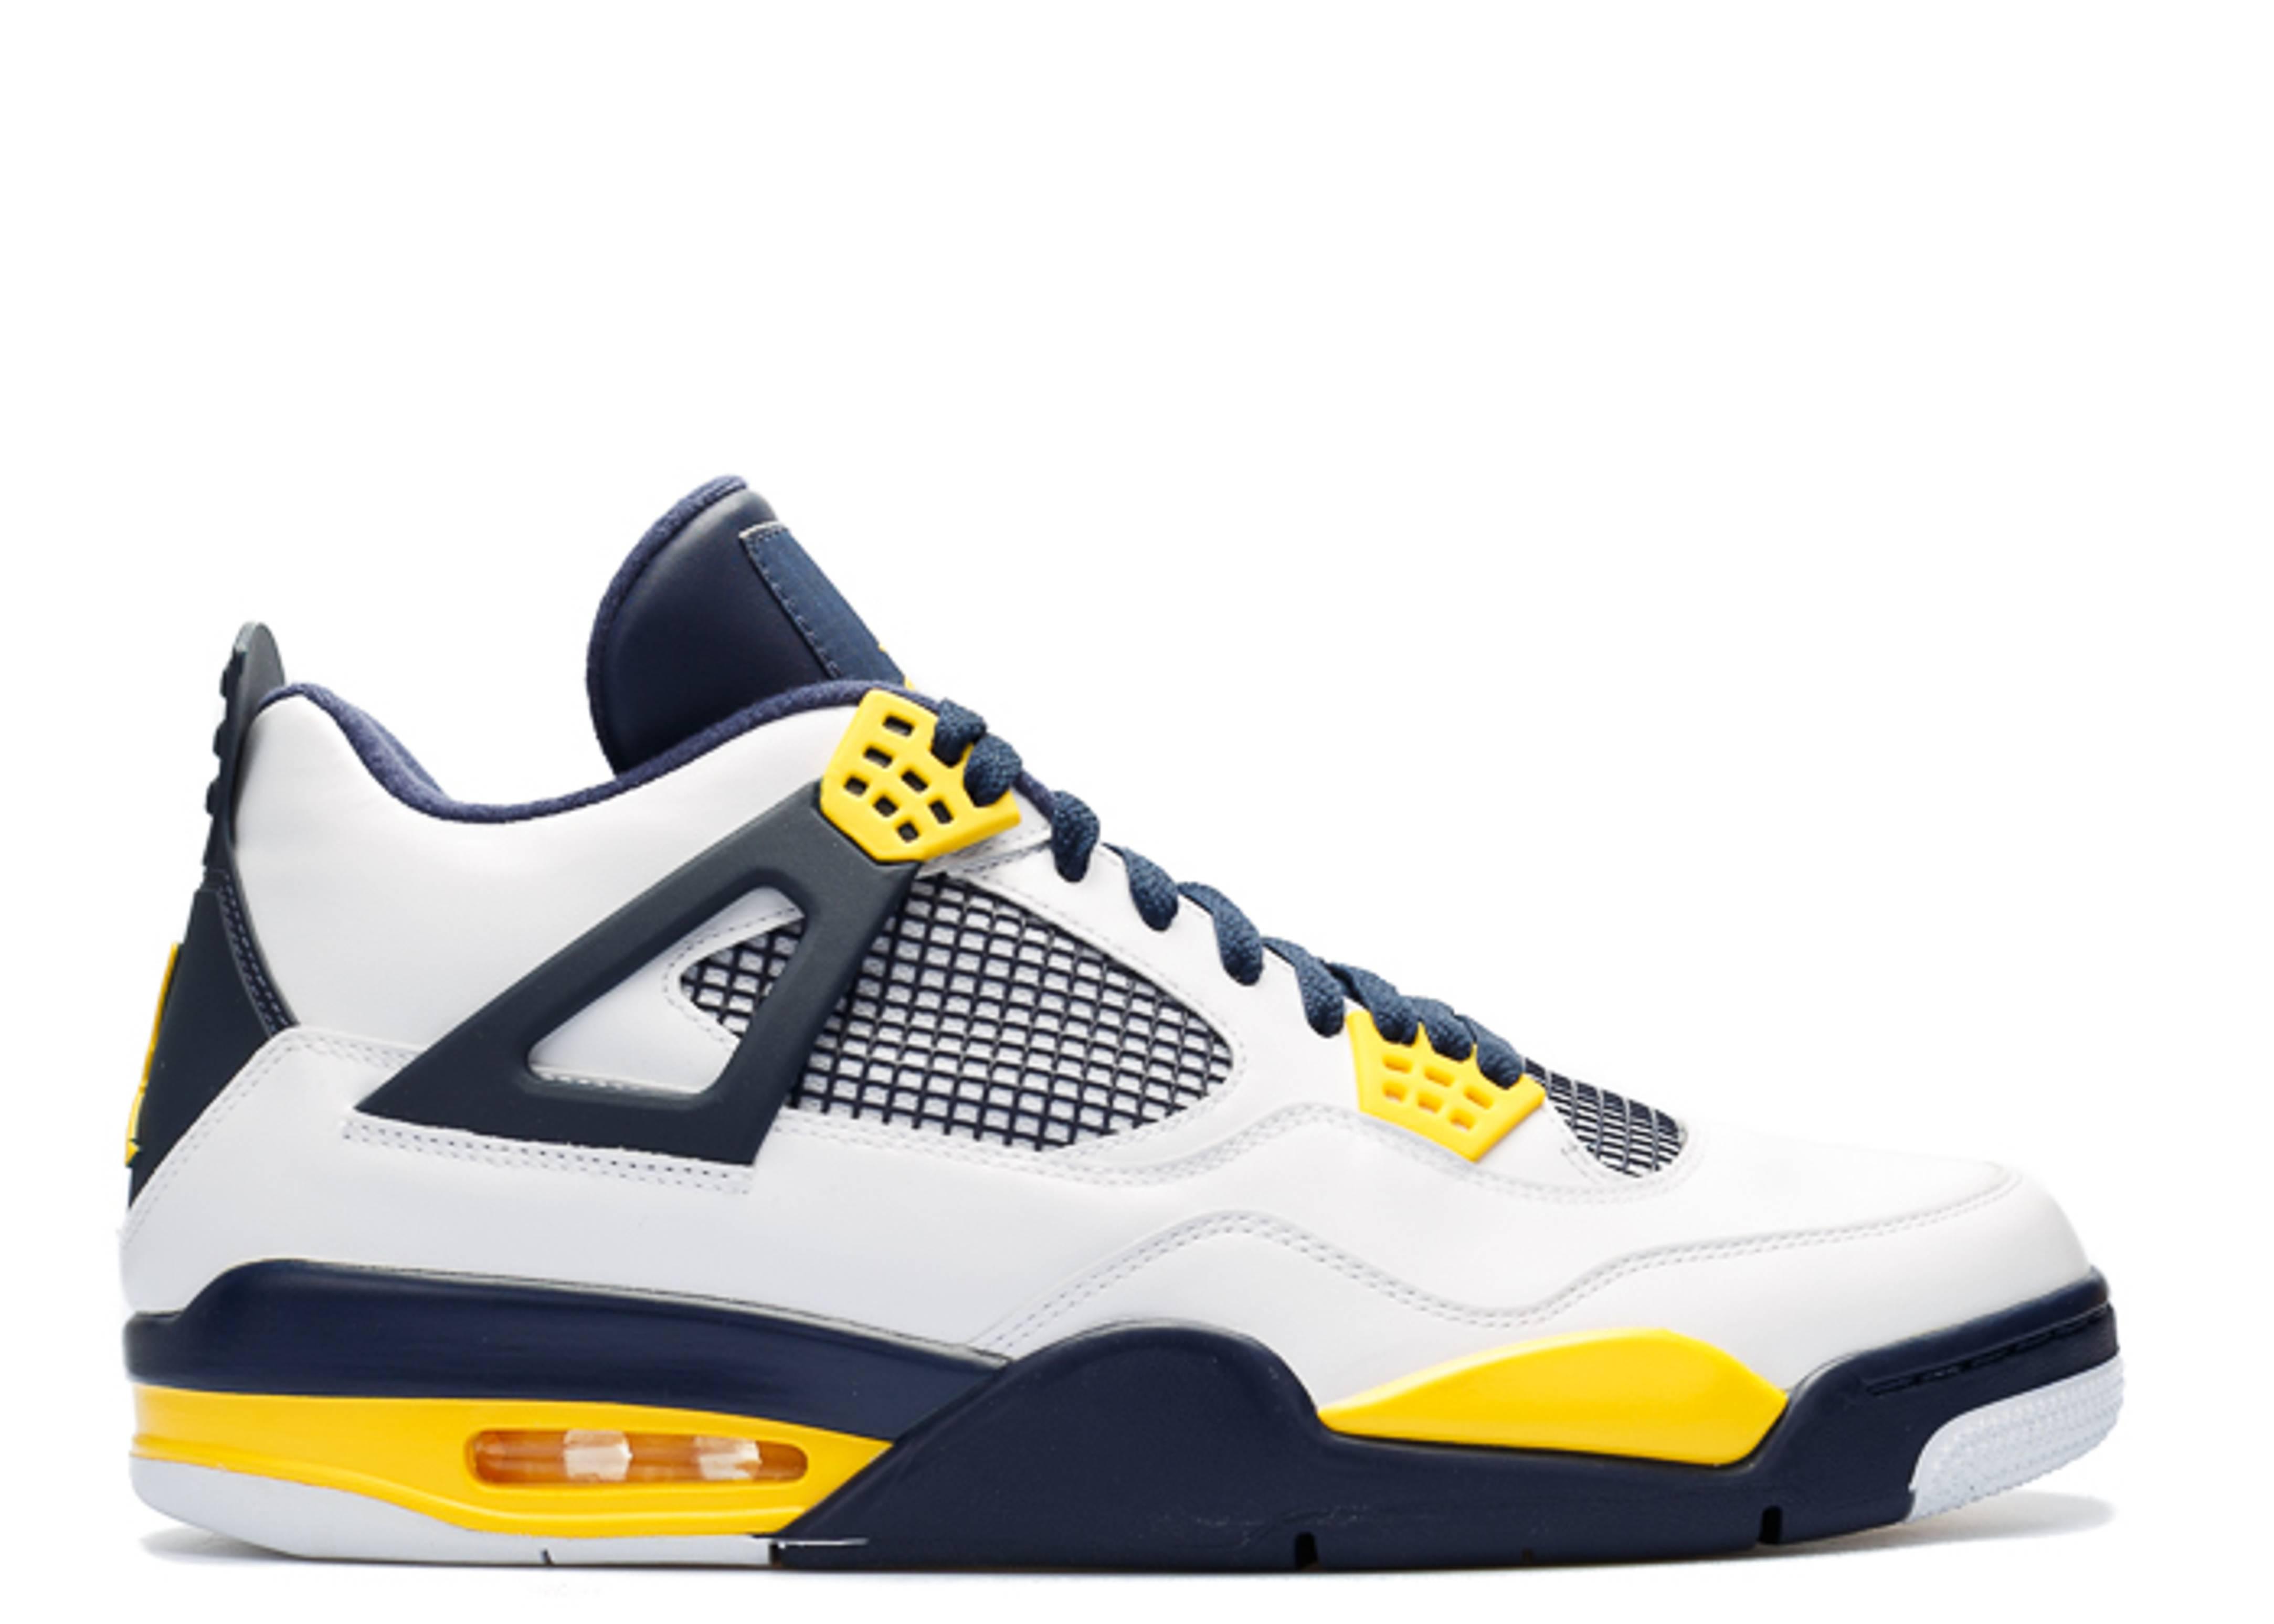 4bd08e2517d8 Air Jordan 4 Retro